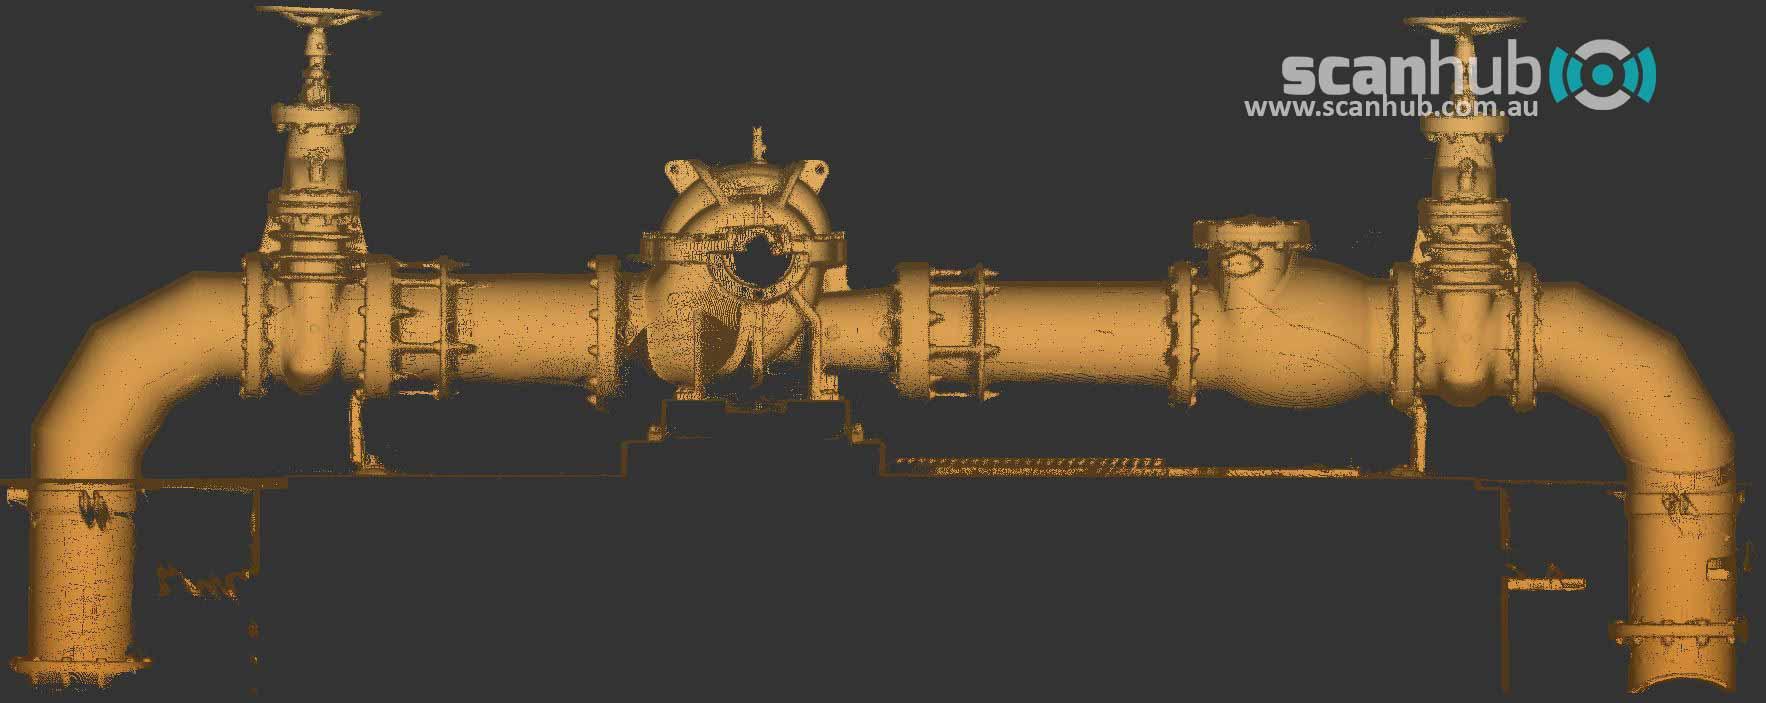 scan-hub-pipeline